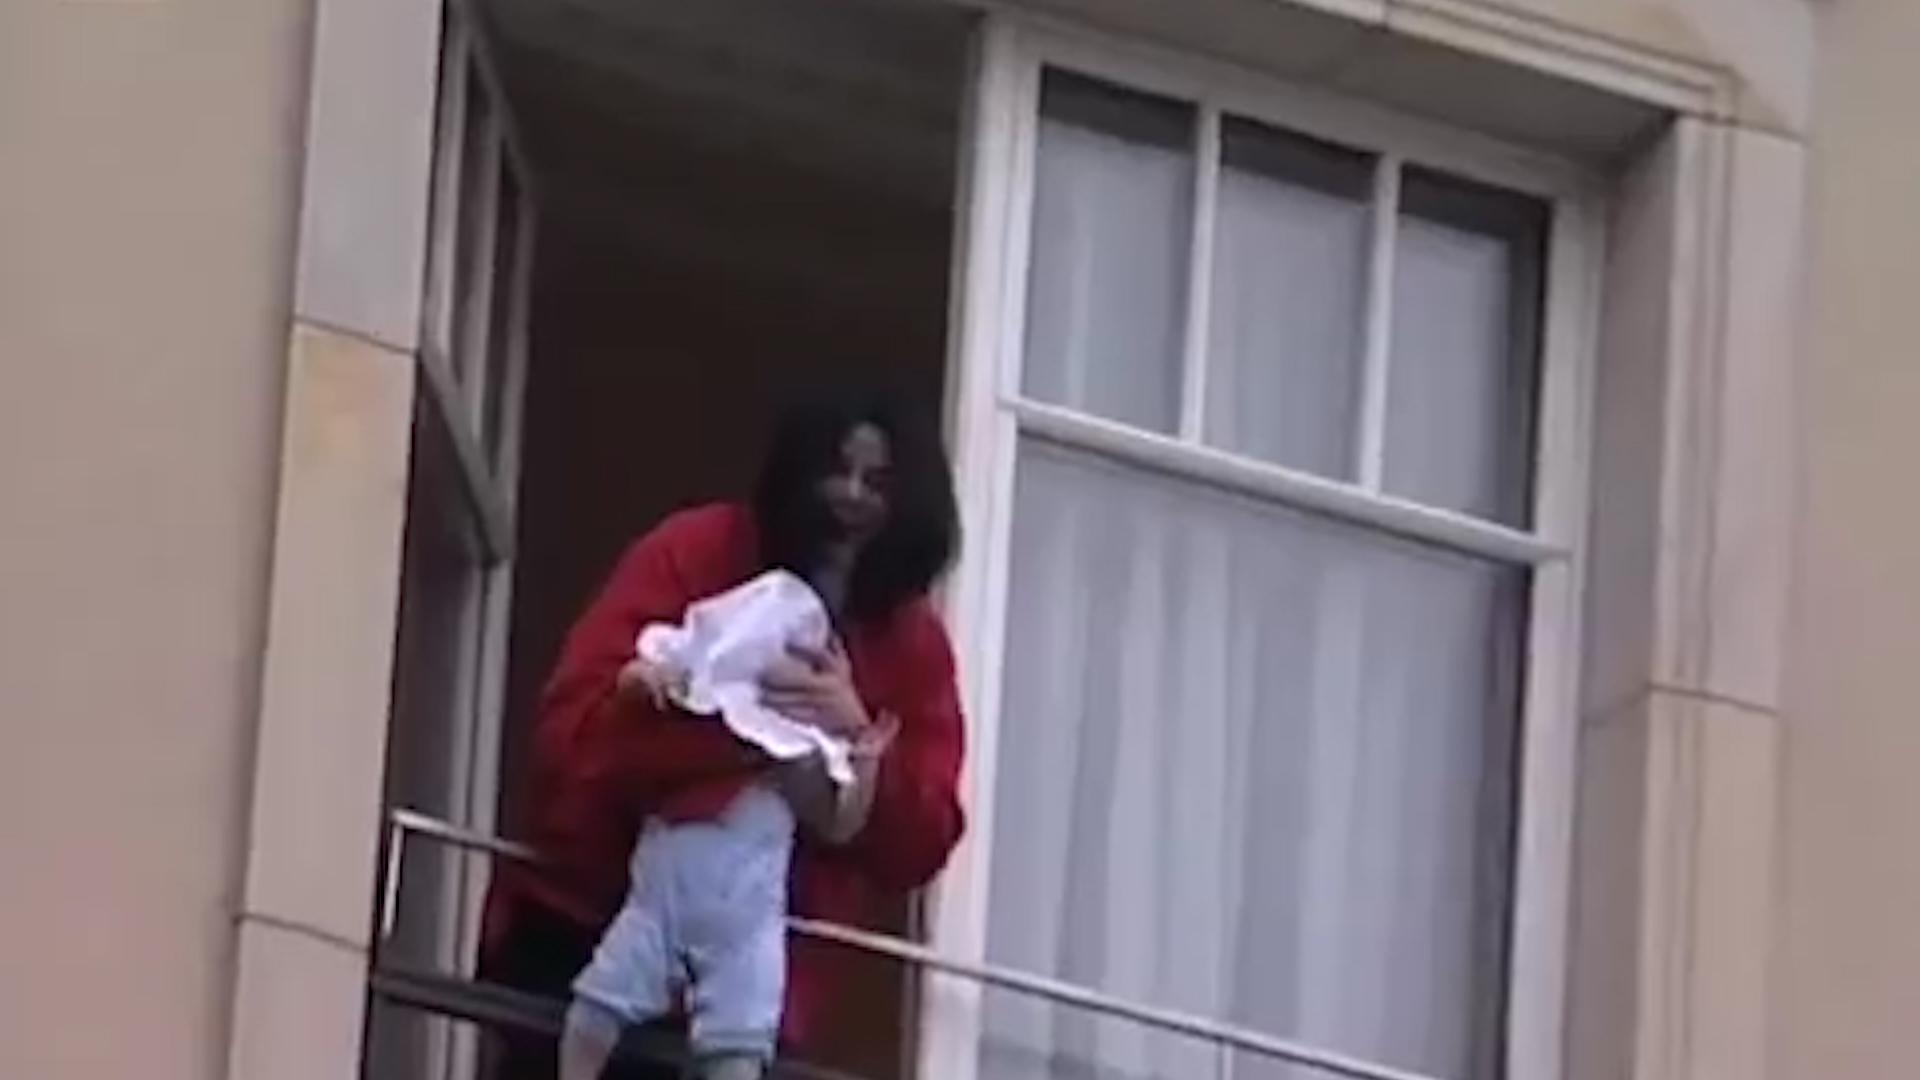 Uno de los momentos donde se criticó la actitud del cantante al mostrar a su hija en el balcón cuando era una bebé Foto: (Archivo)